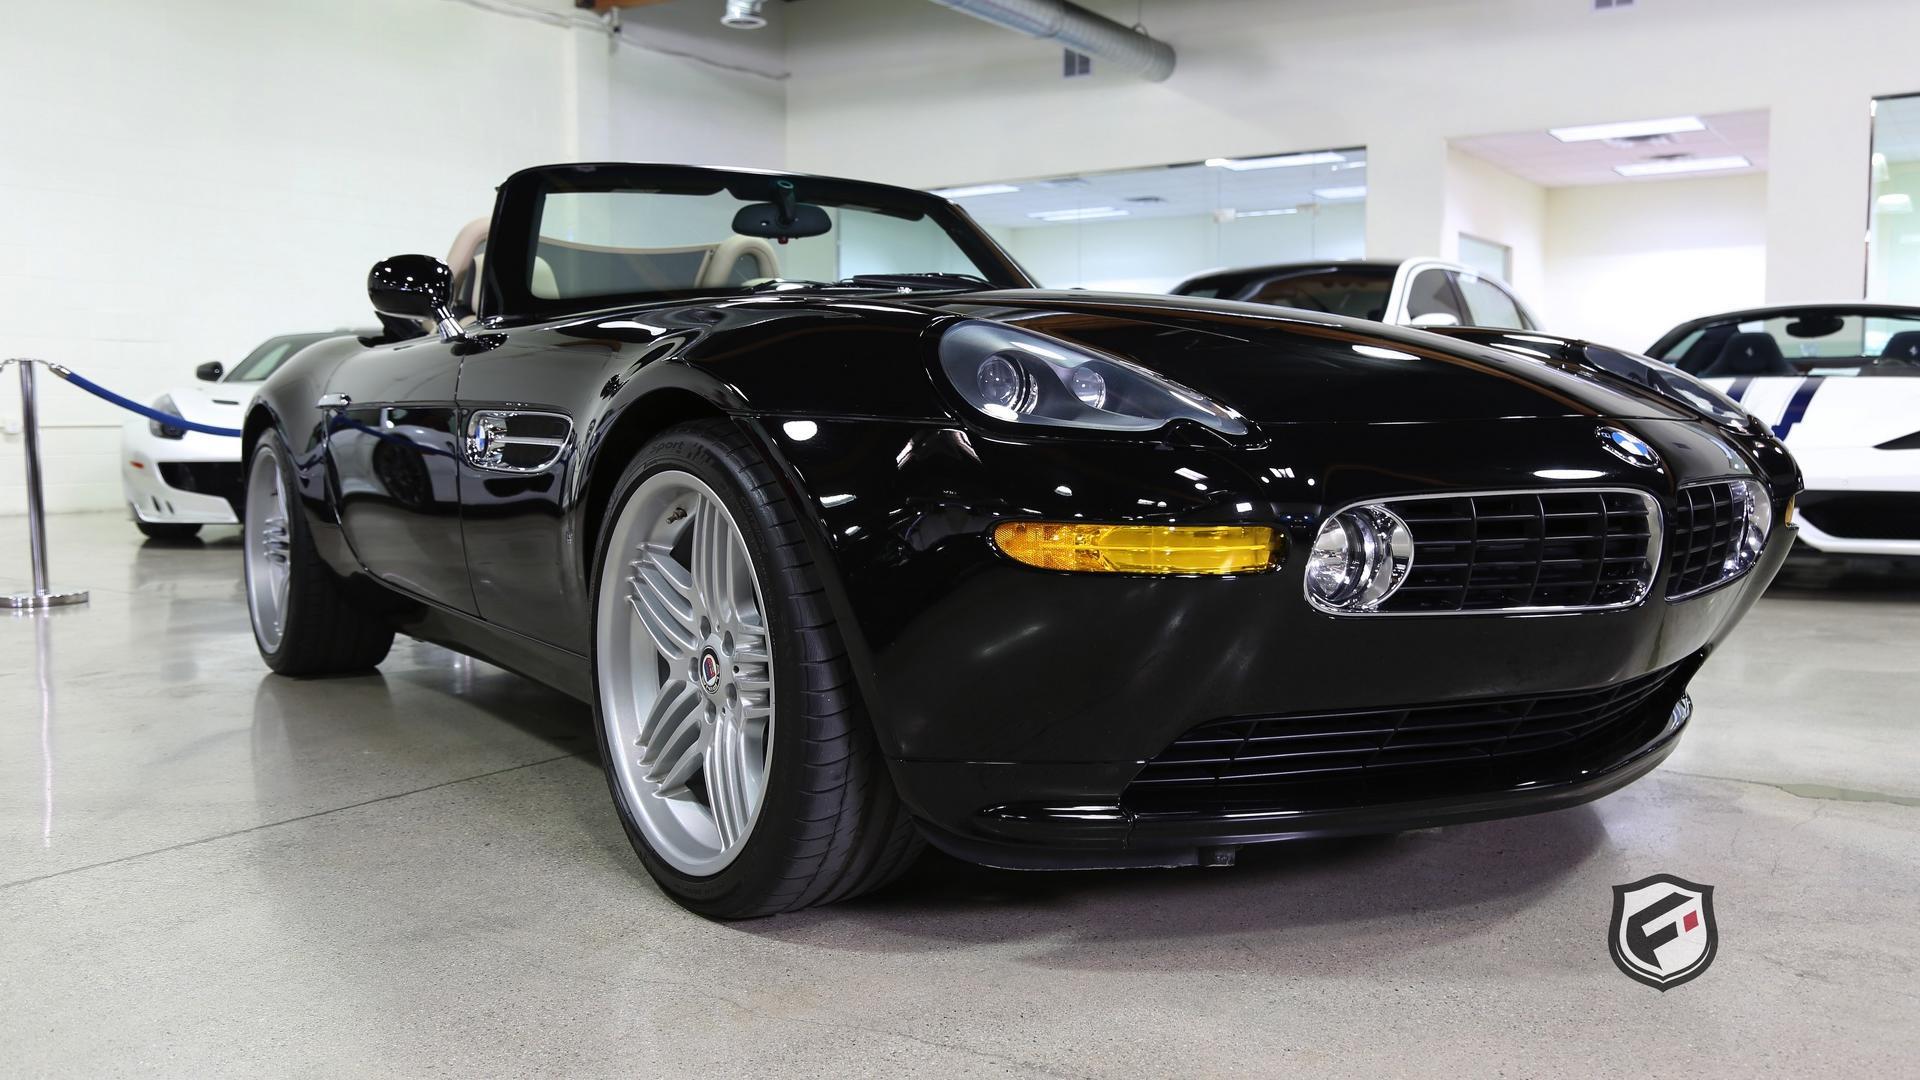 BMW Z8 Alpina >> Rare Bmw Z8 Alpina Costs A Pretty Penny